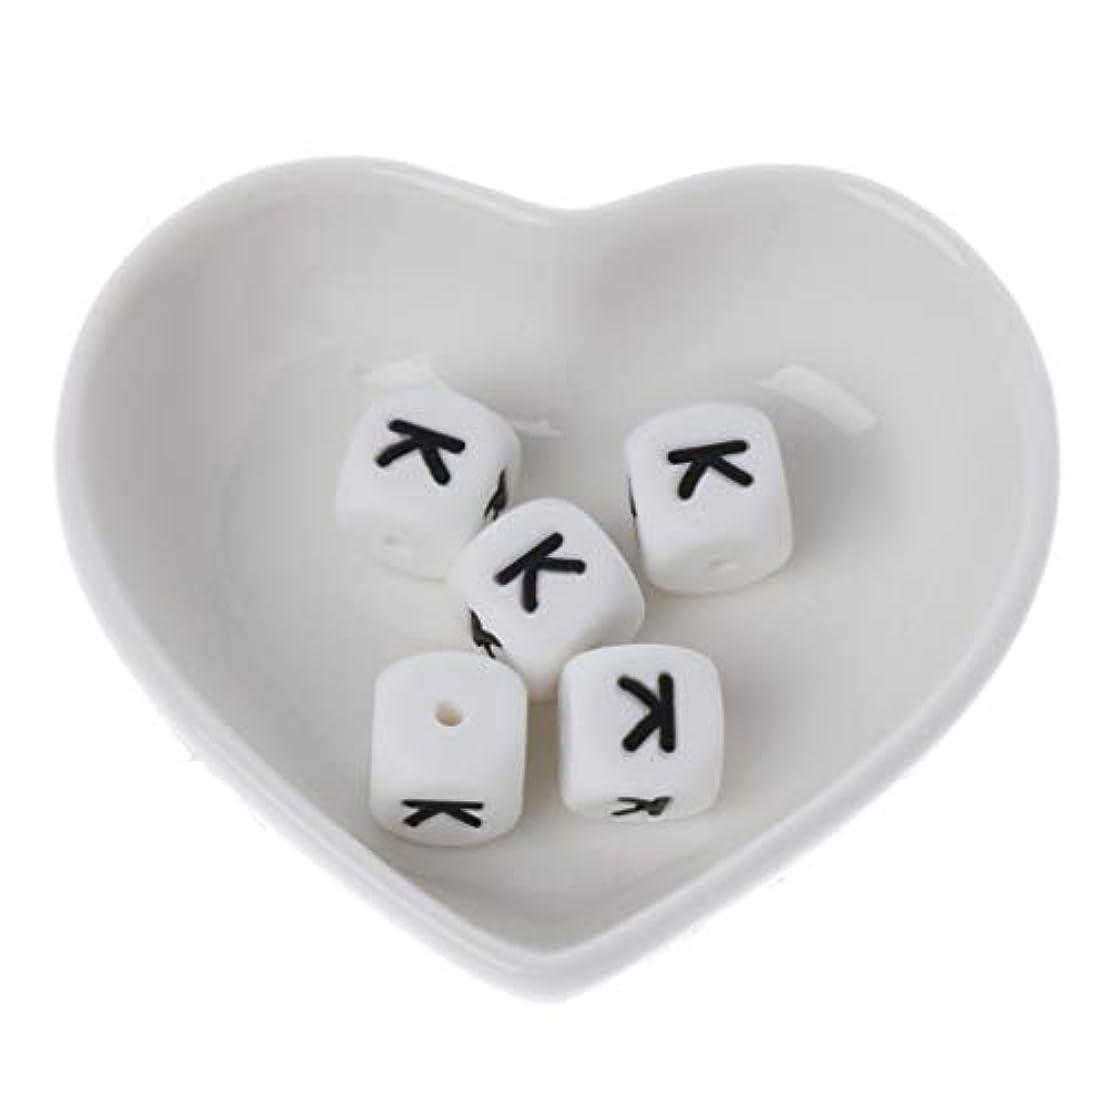 凍る私たち時代遅れLANDUM 5個シリコーンビーズ26英語アルファベットビーズ赤ちゃんのおもちゃDIYおしゃぶりチェーンアクセサリー - A